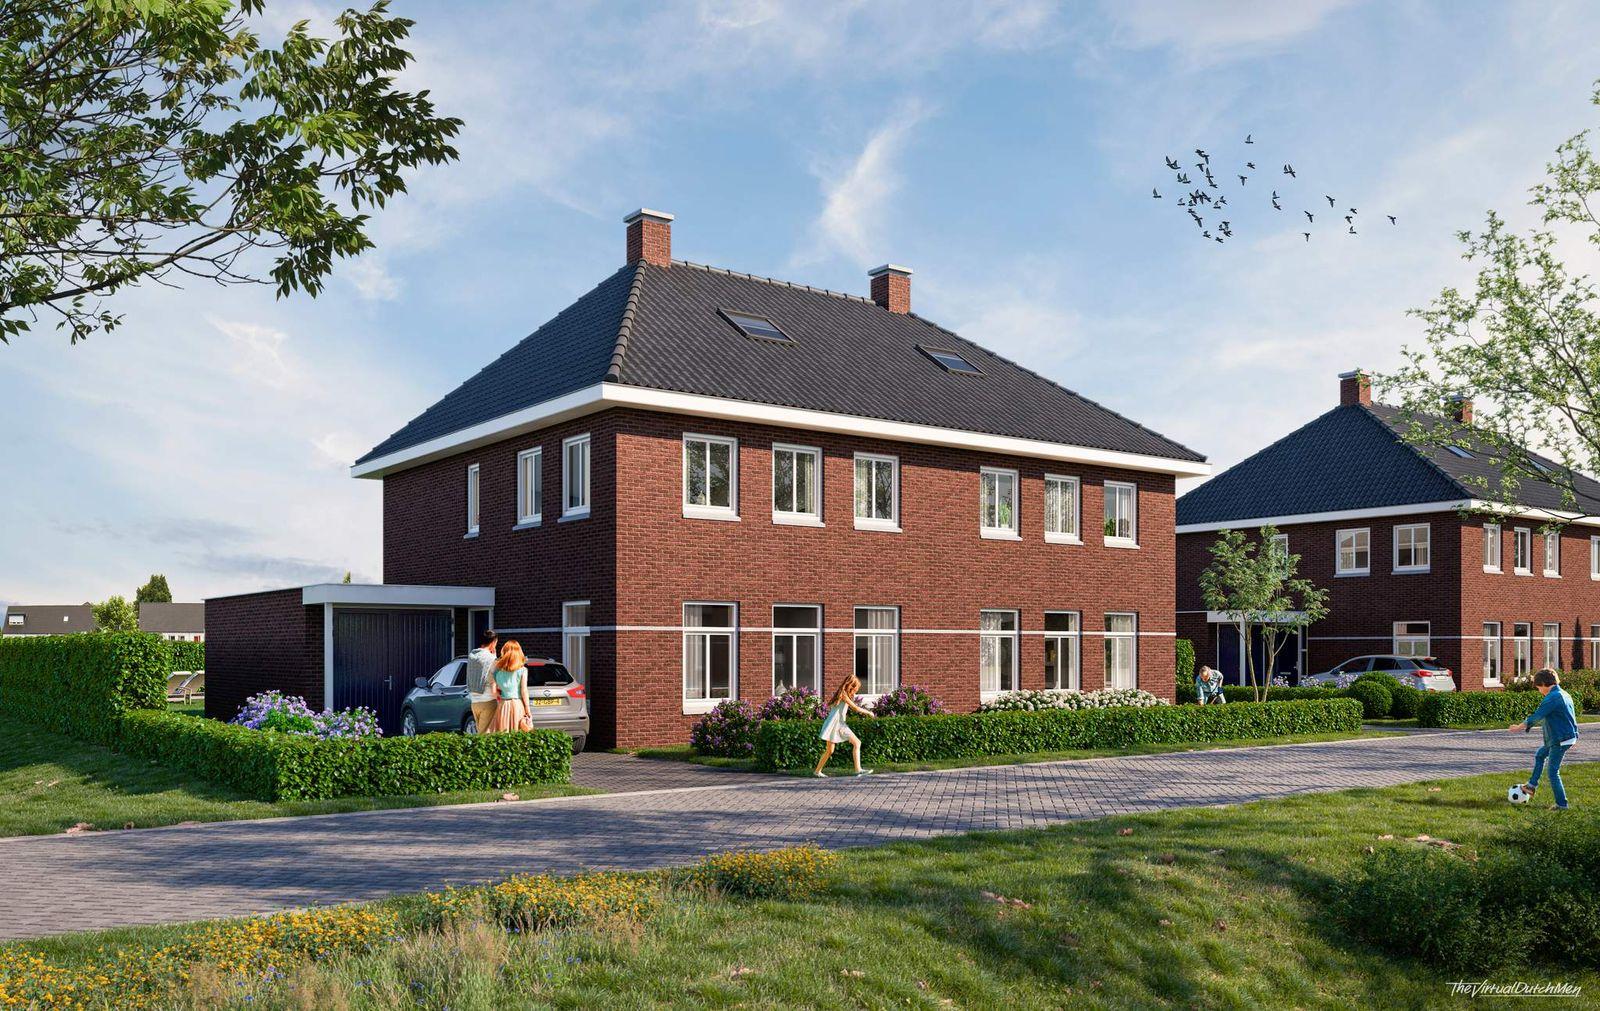 Snikke bouwnummer 4 0-ong, Nieuw-amsterdam